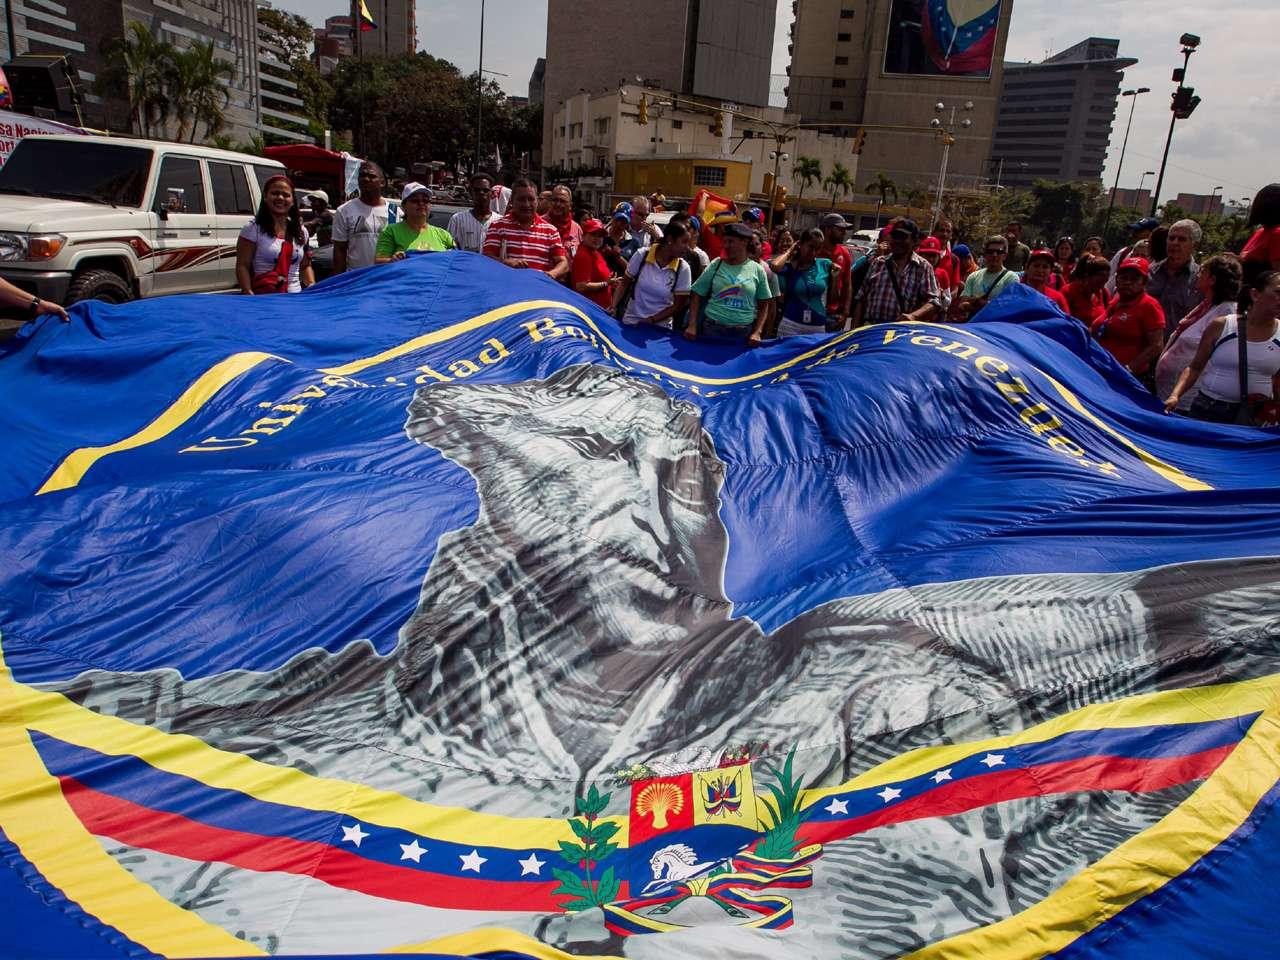 Manifestantes sostienen una bandera con la imagen de Simón Bolívar durante una movilización para conmemorar el 201 aniversario de la llamada Batalla de la Victoria, germen del nacimiento del Día de la Juventud en Venezuela, en Caracas. Foto: EFE en español